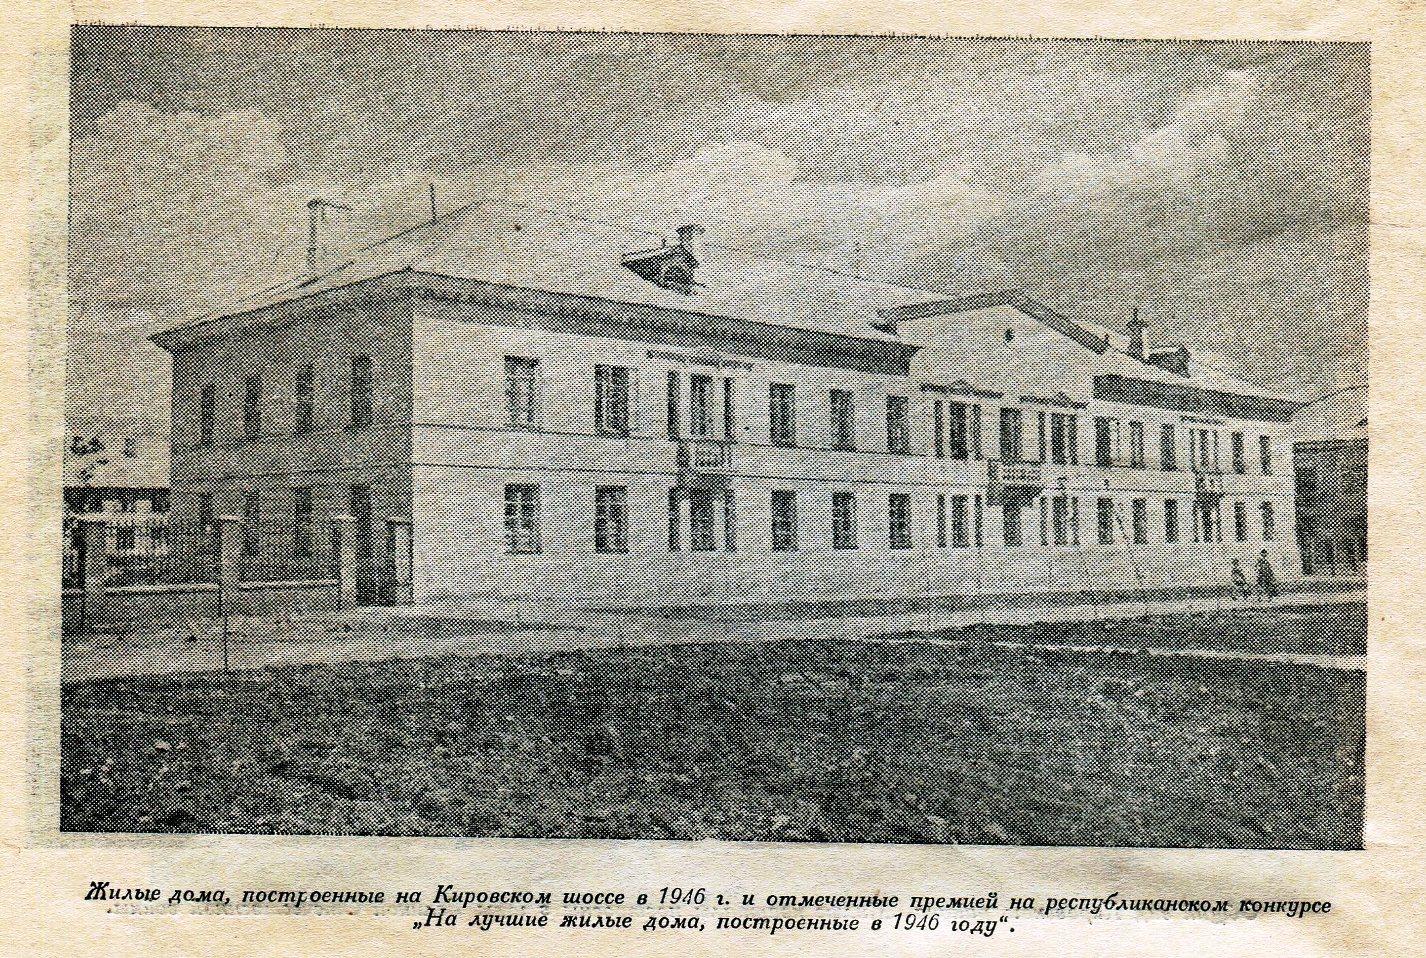 Кировское шоссе 1946